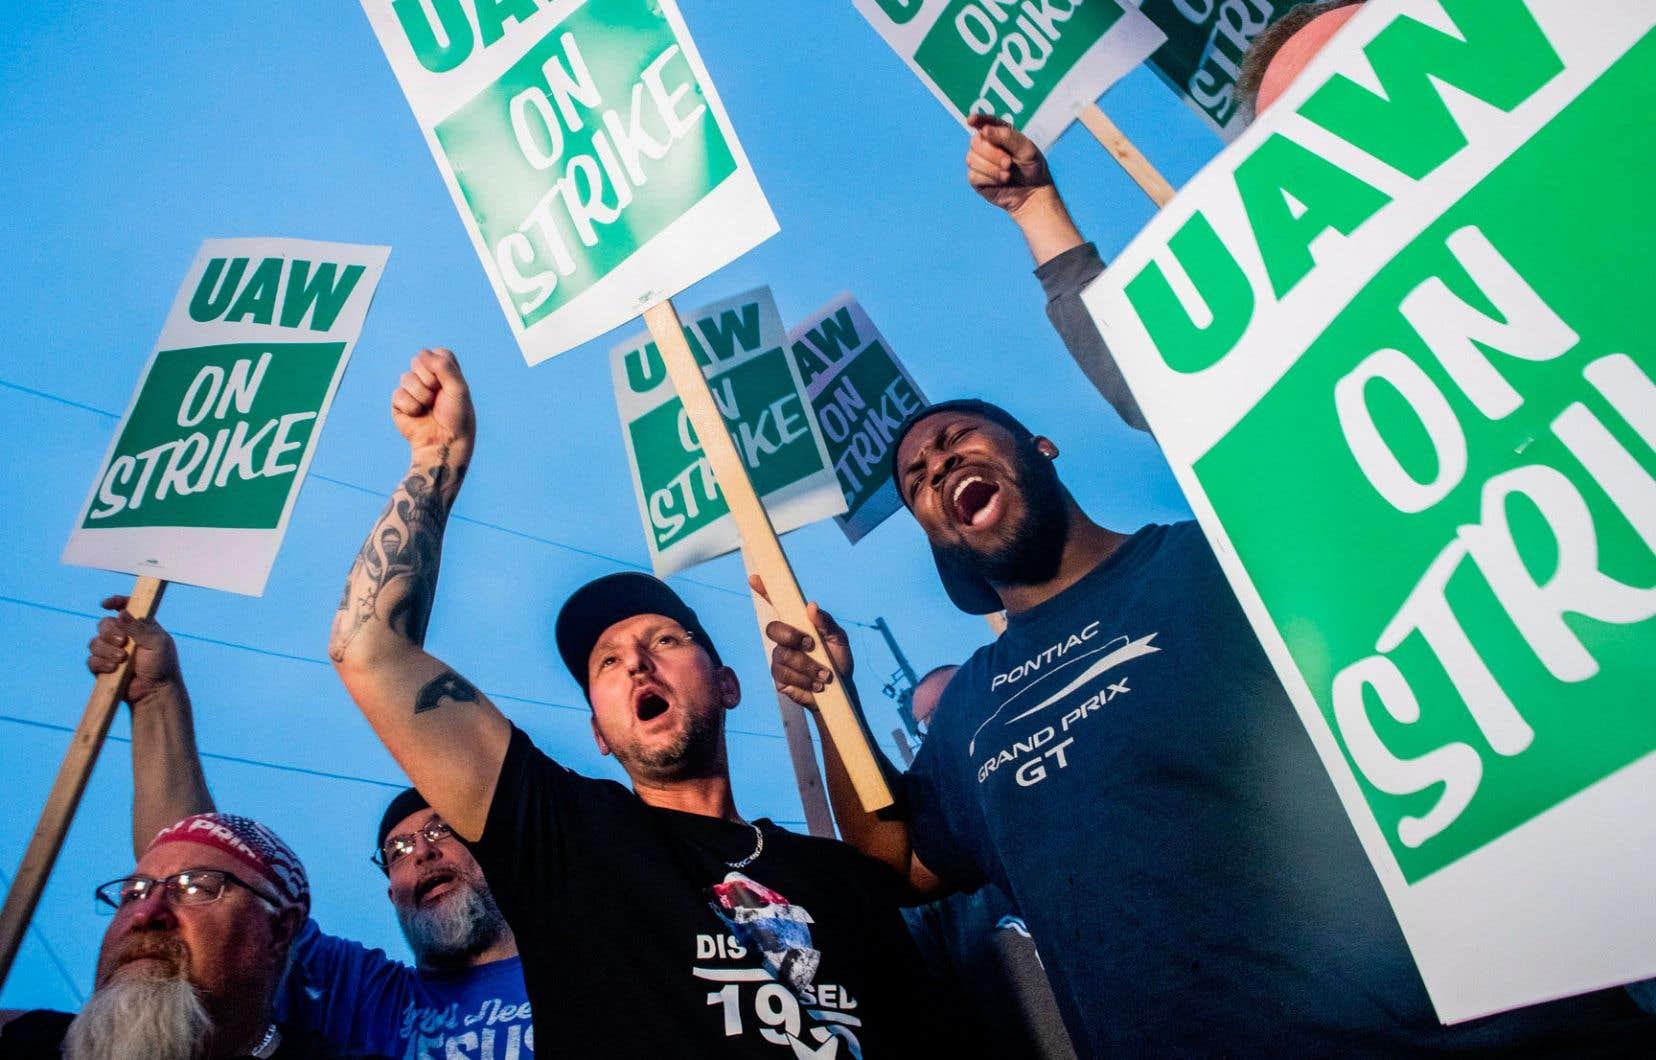 La grève a été votée à l'unanimité par environ 200 dirigeants syndicaux locaux.